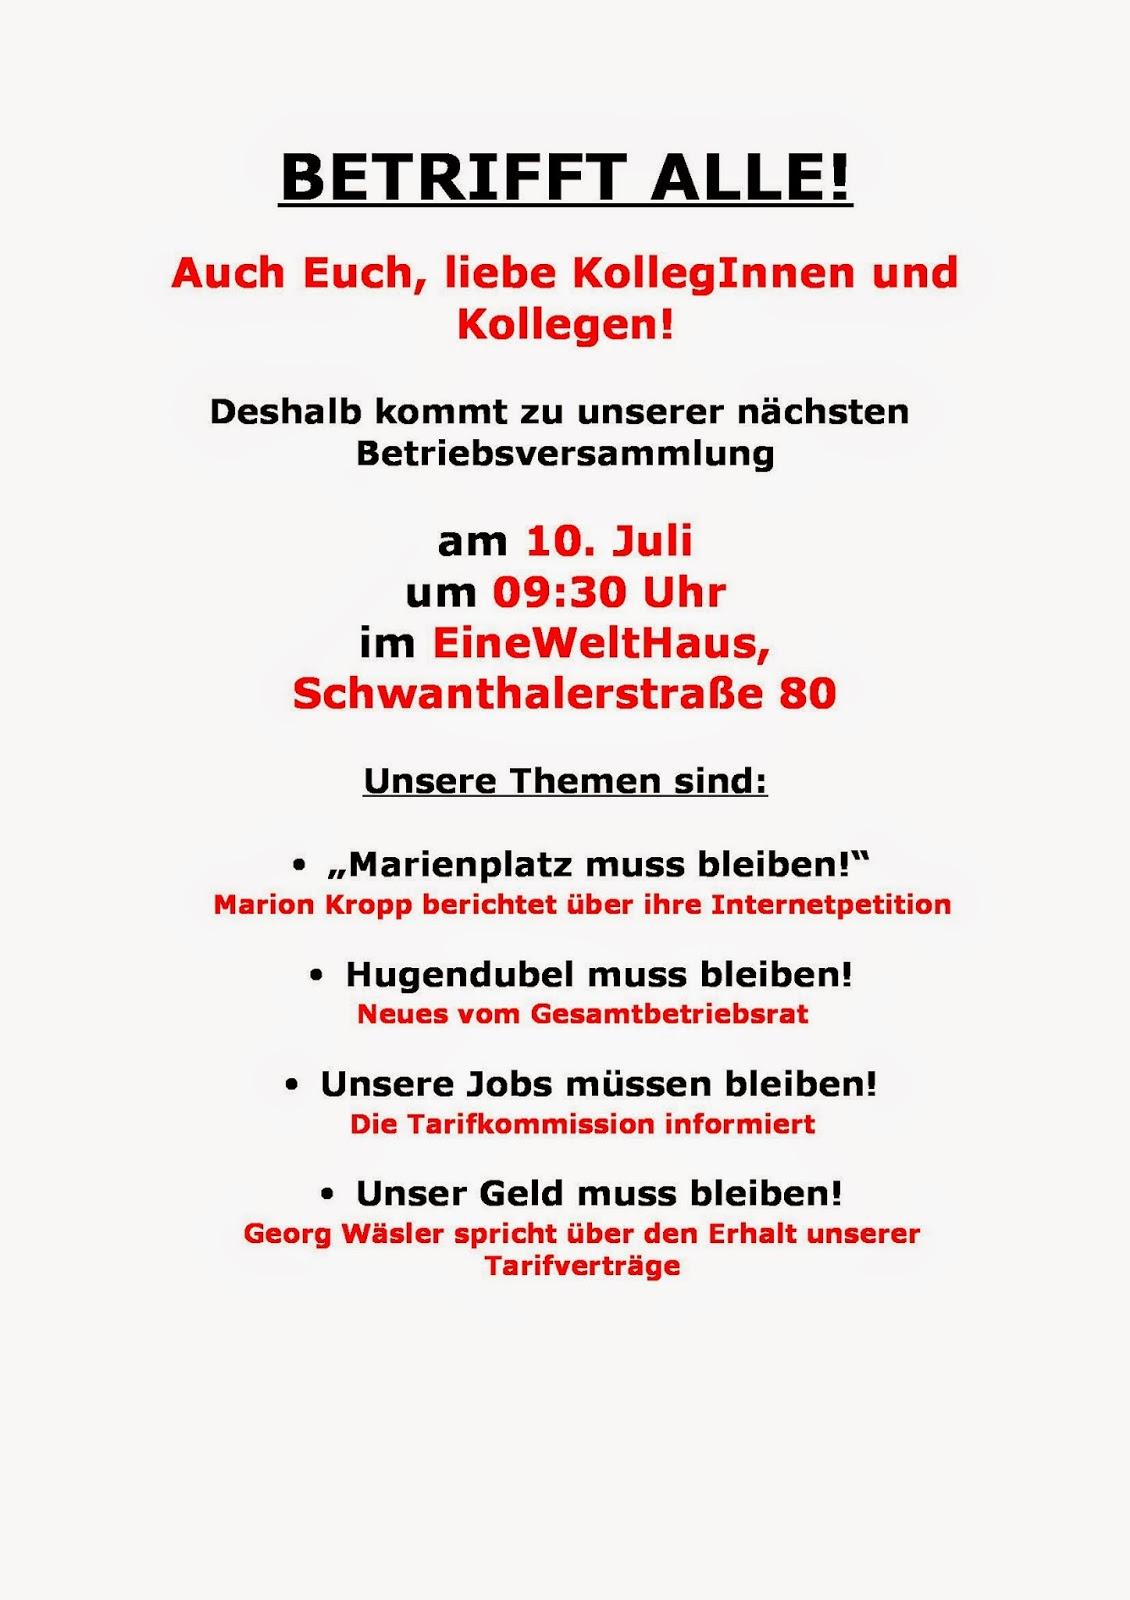 hugendubel verdi infoblog: 10.juli: betriebsversammlung in münchen, Einladung